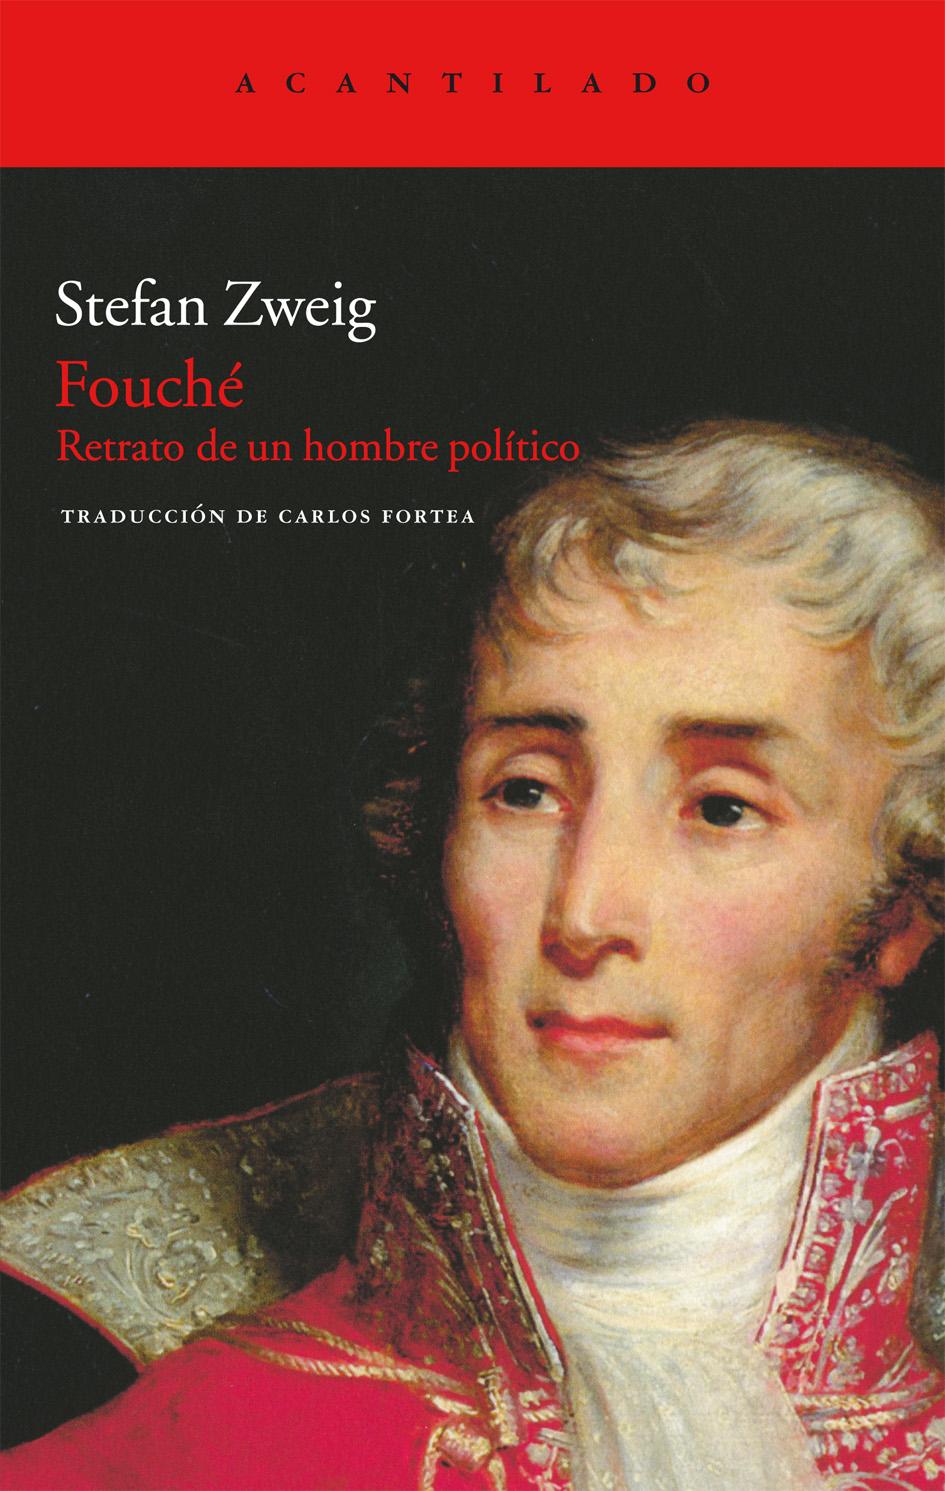 Resultado de imagen de stefan zweig fouché